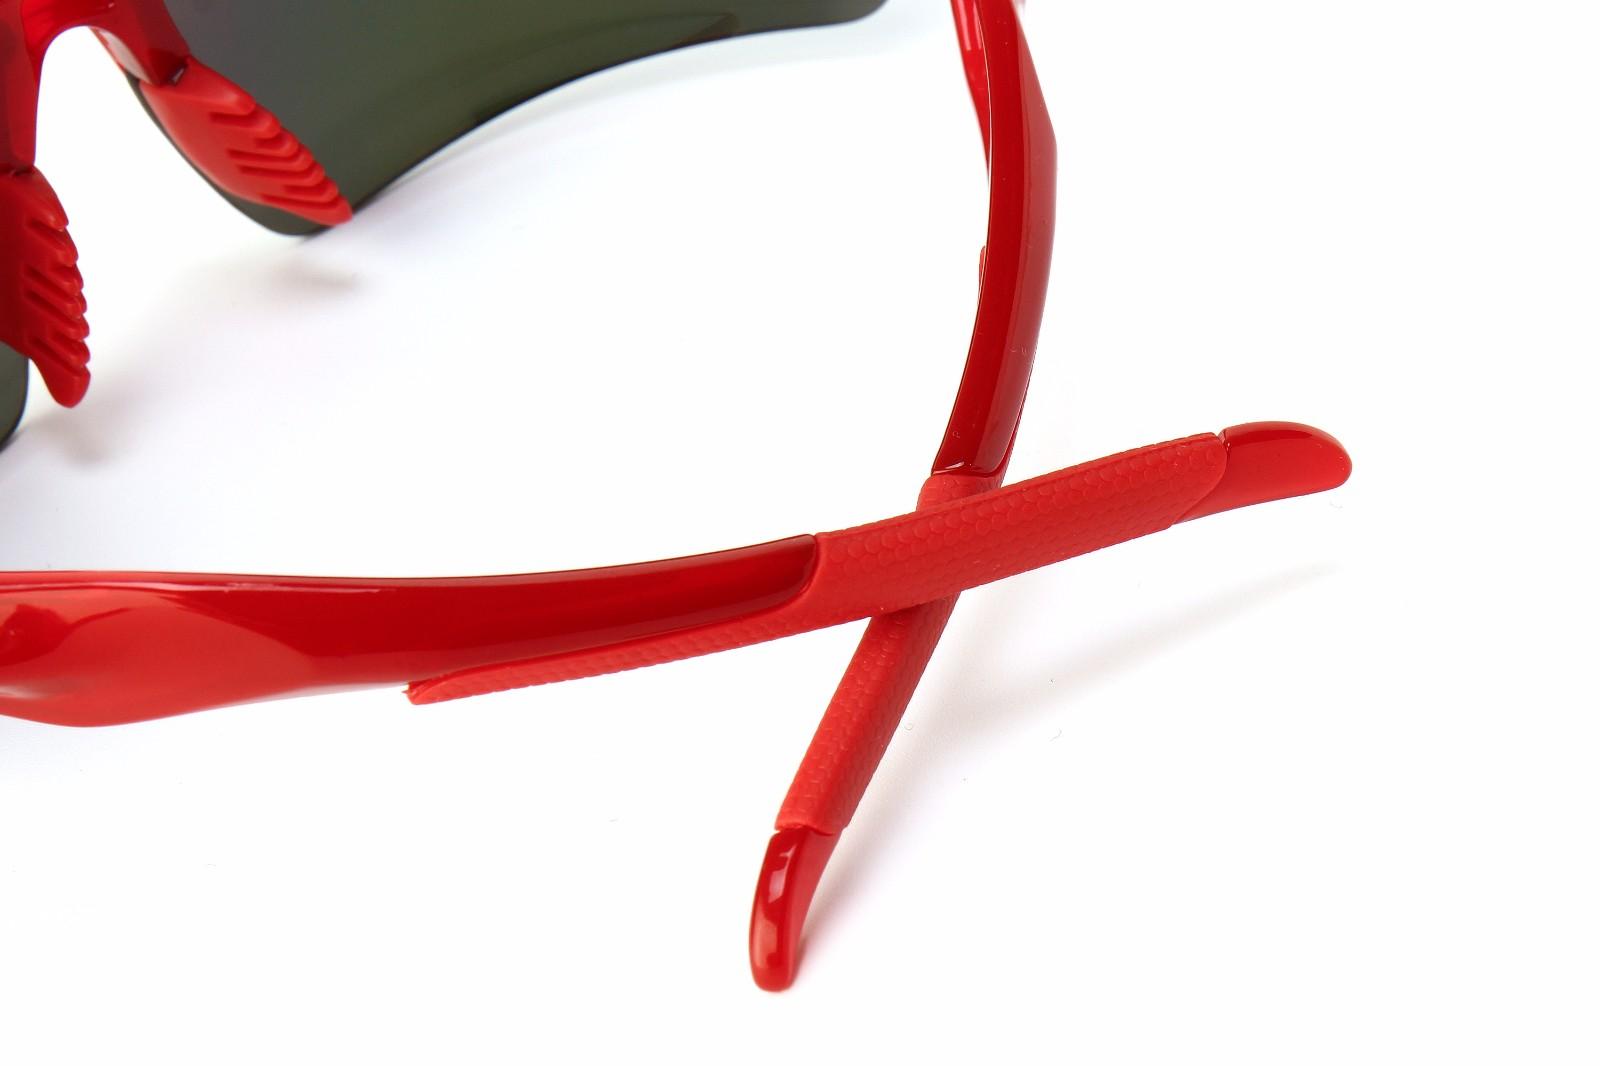 Plastic border sunglasses Manufacturers, Plastic border sunglasses Factory, Supply Plastic border sunglasses